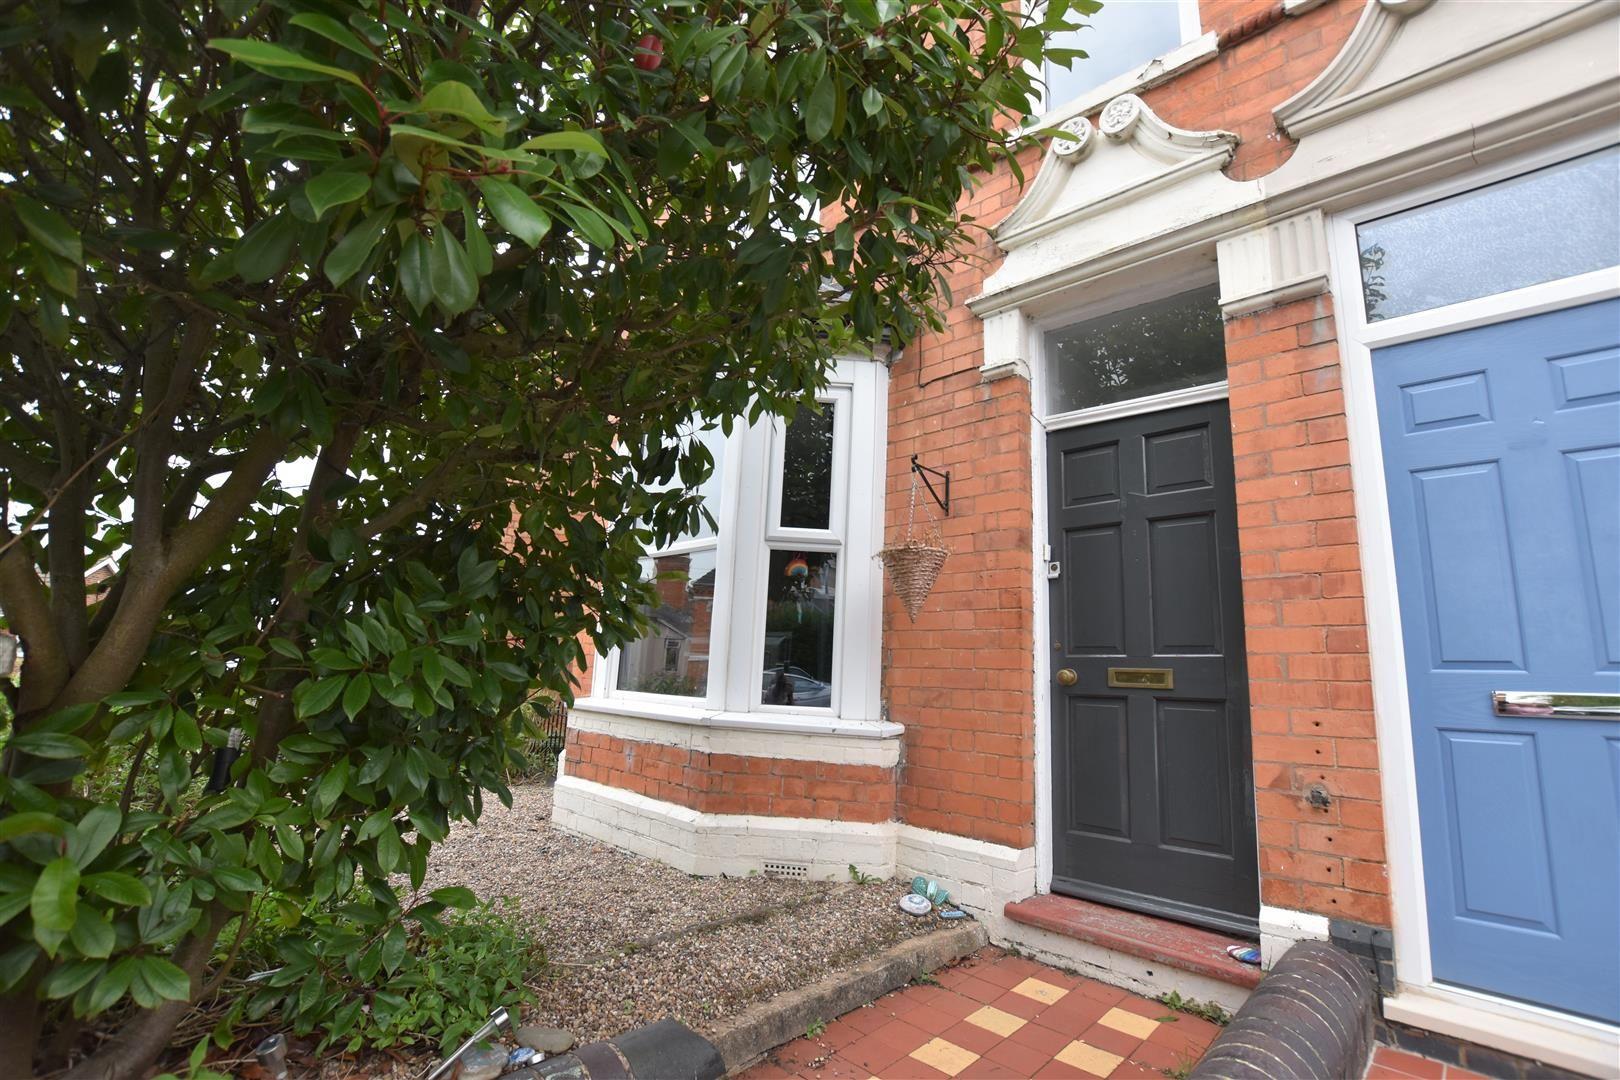 Property photo 1 of 13. 86B4013D-1F26-416D-8E21-77Cf03575Af9.Jpeg